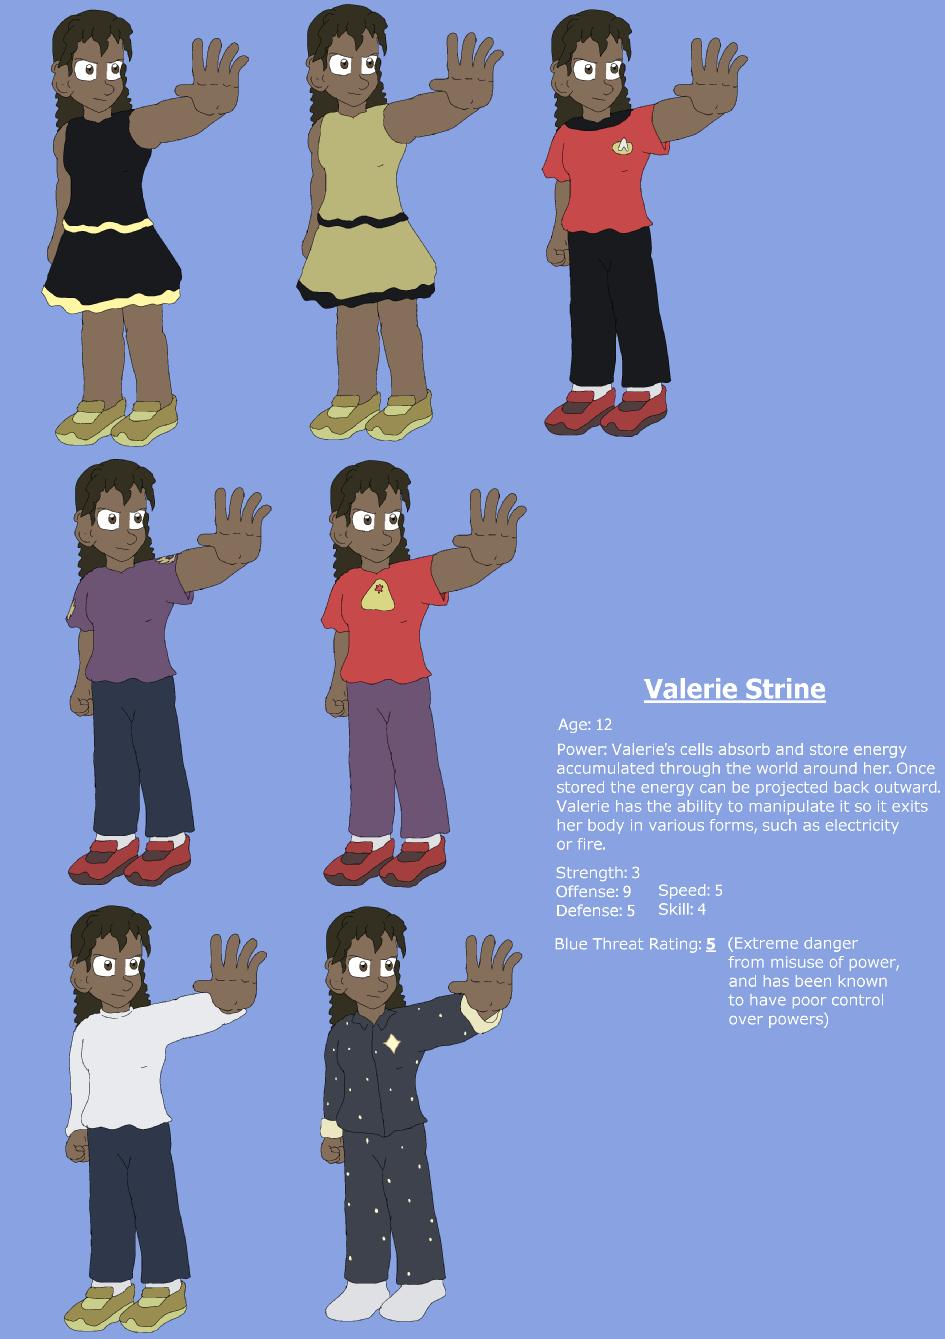 Filler: Valerie Styles